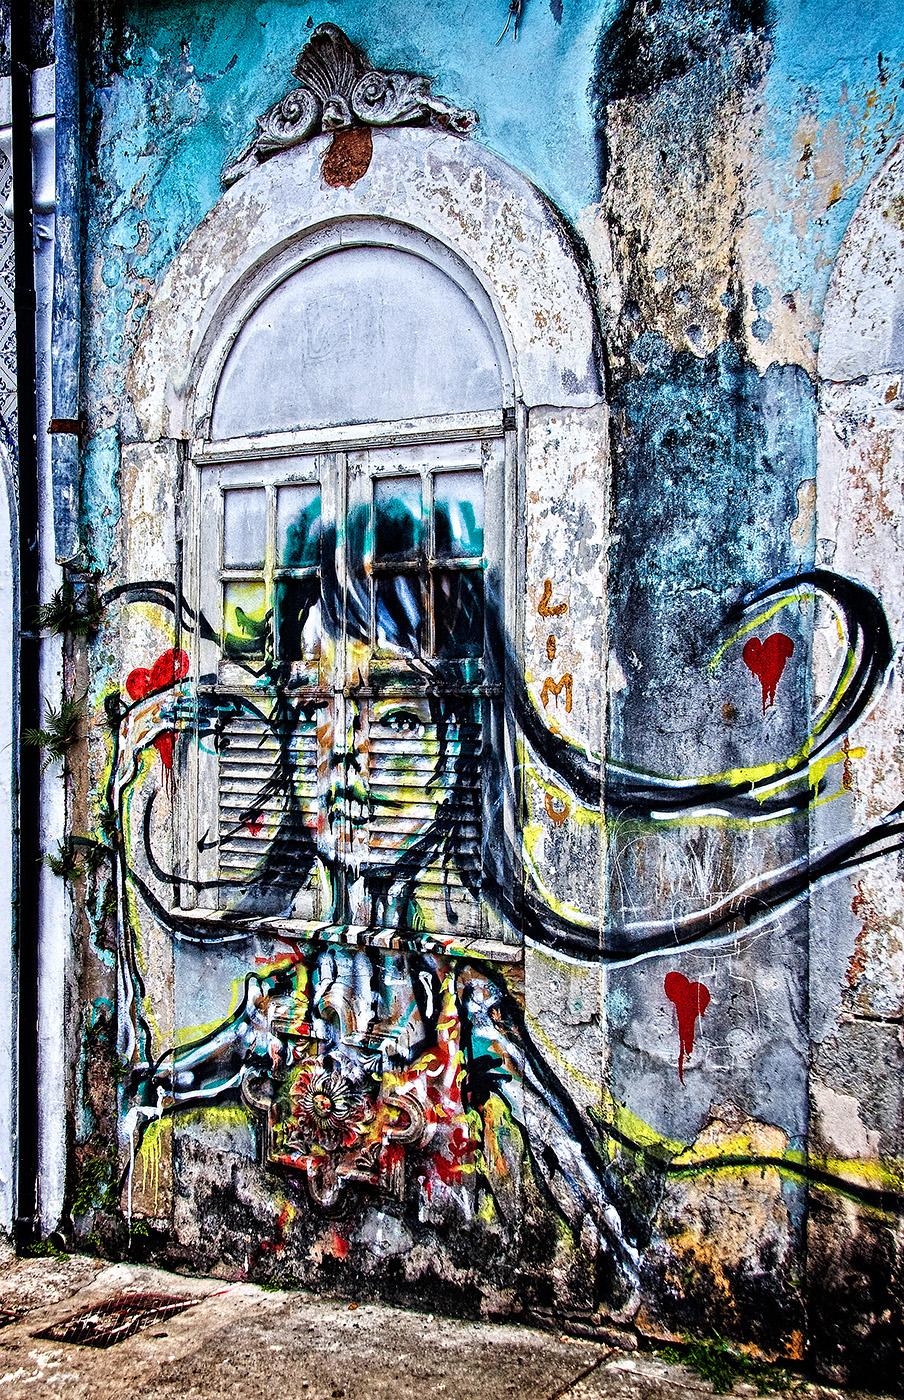 Salvador Street Art